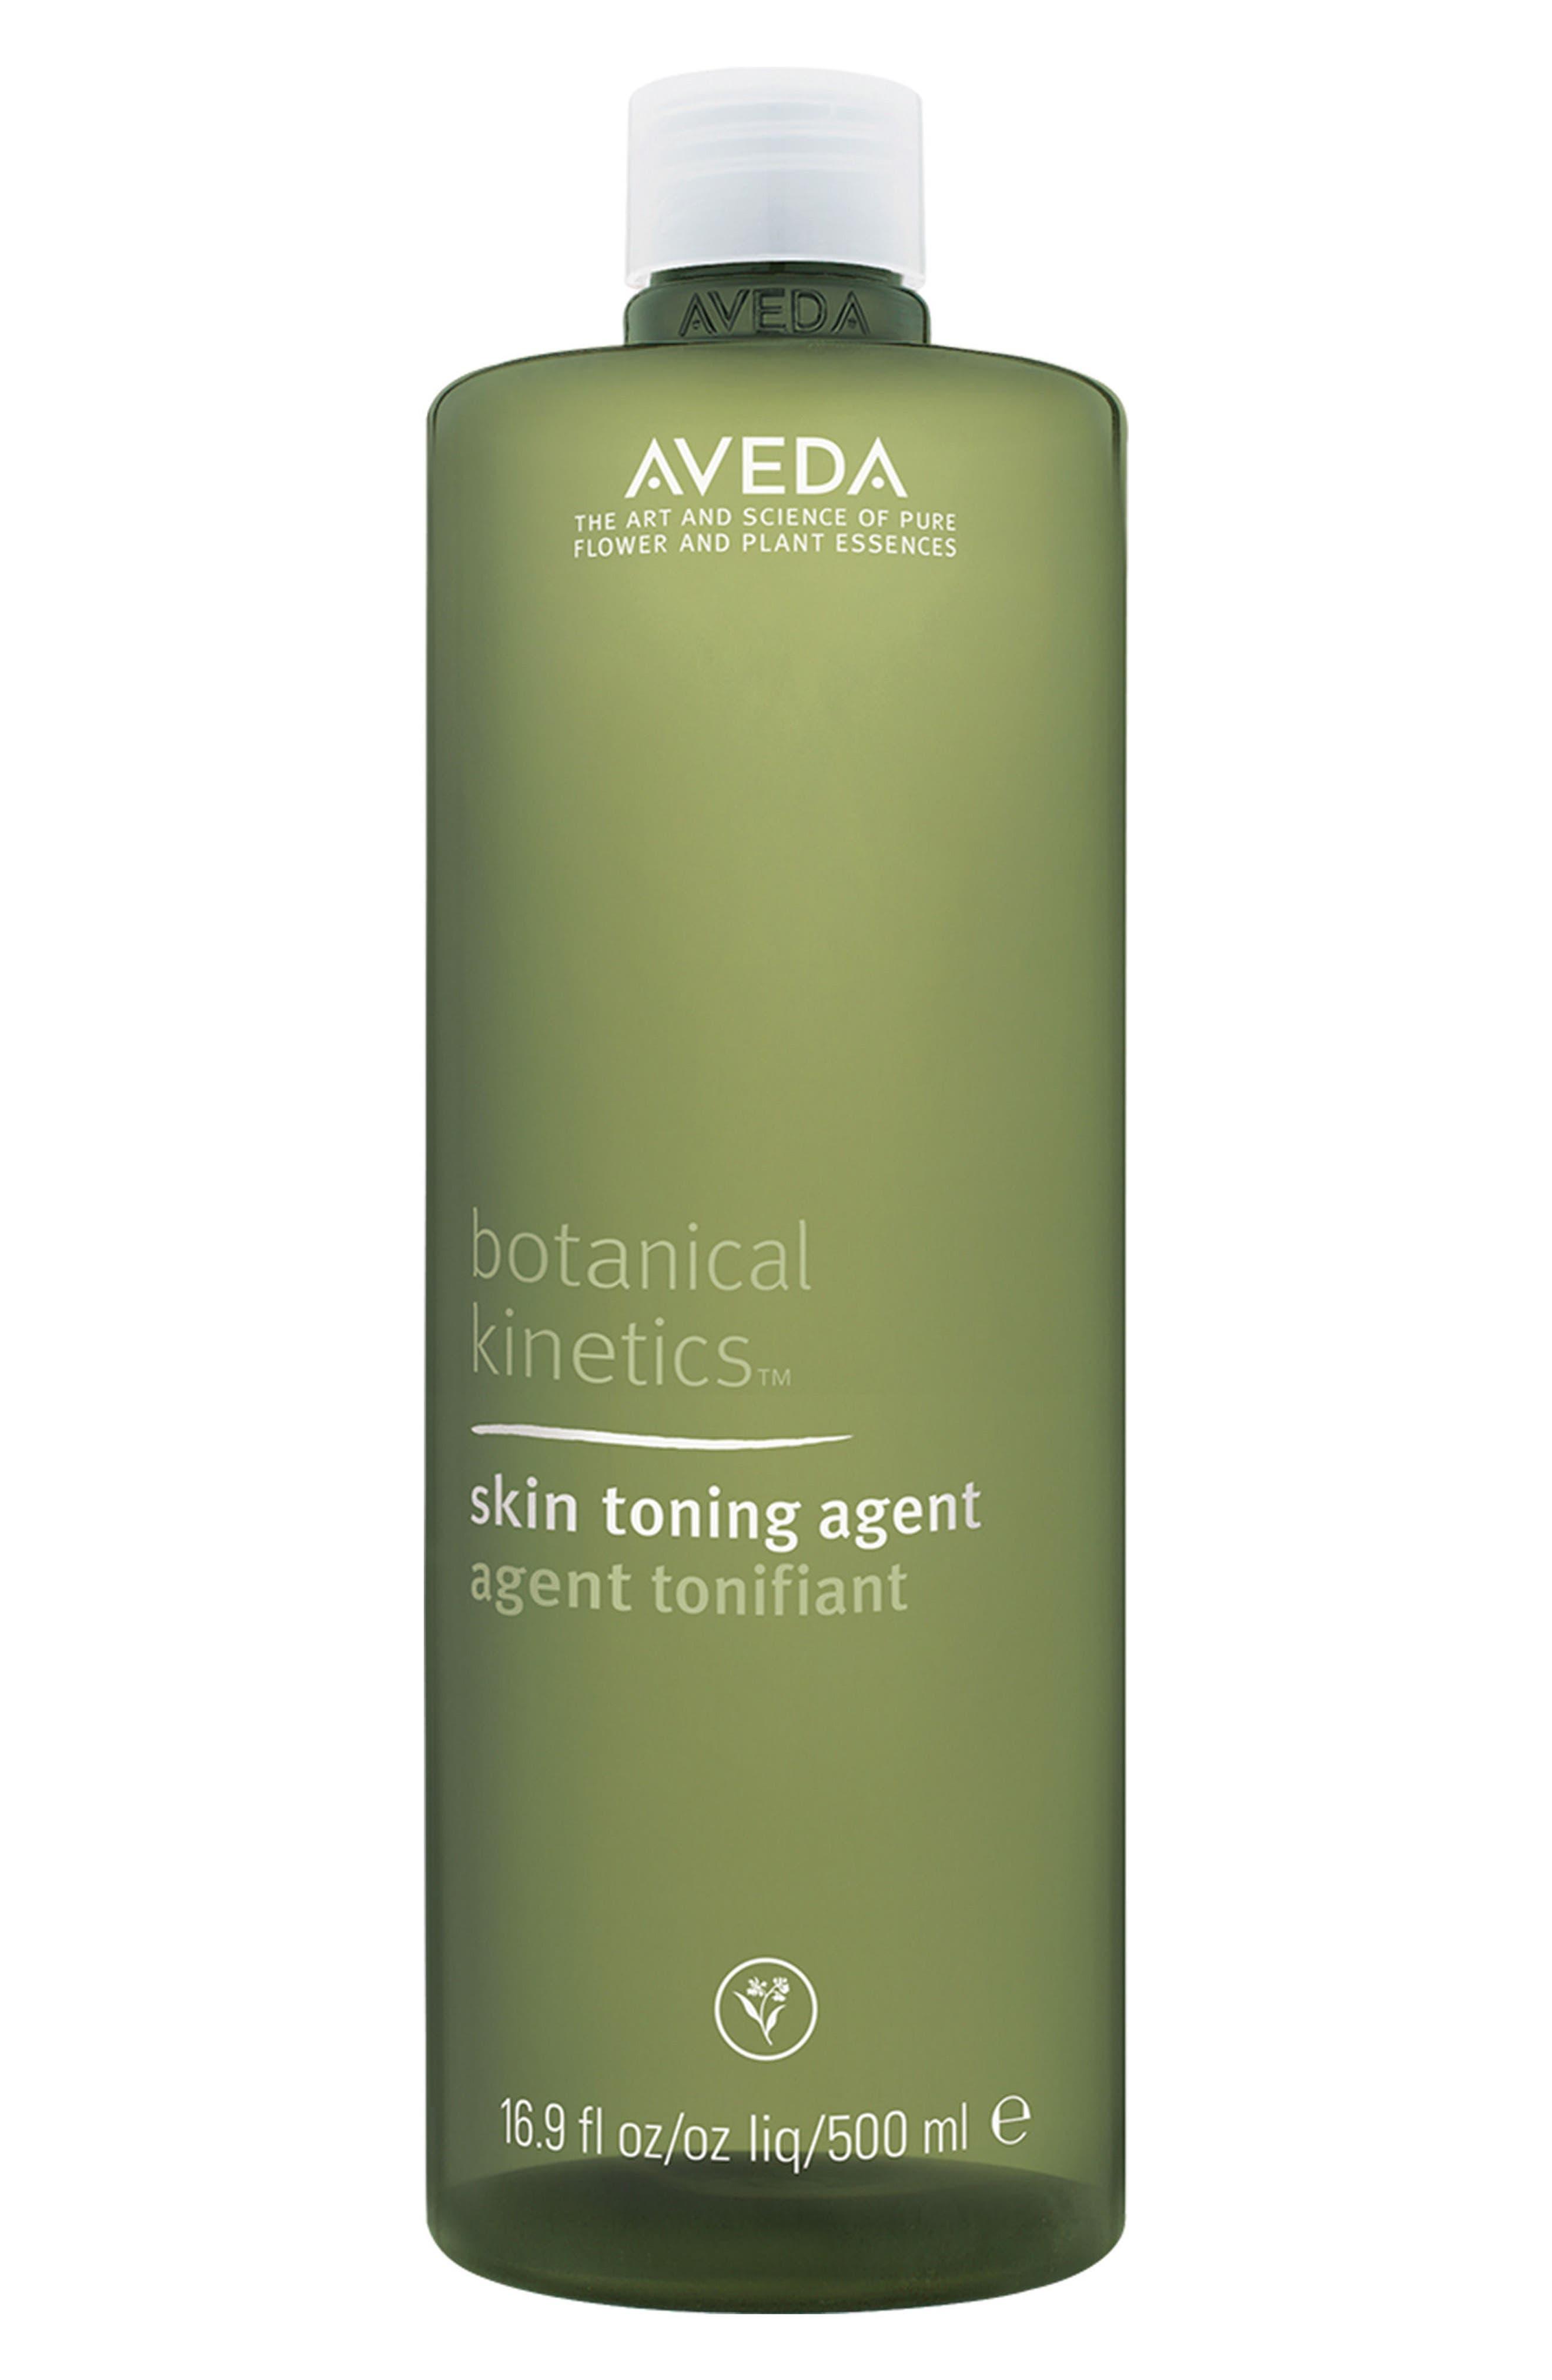 Main Image - Aveda botanical kinetics™ Skin Toning Agent